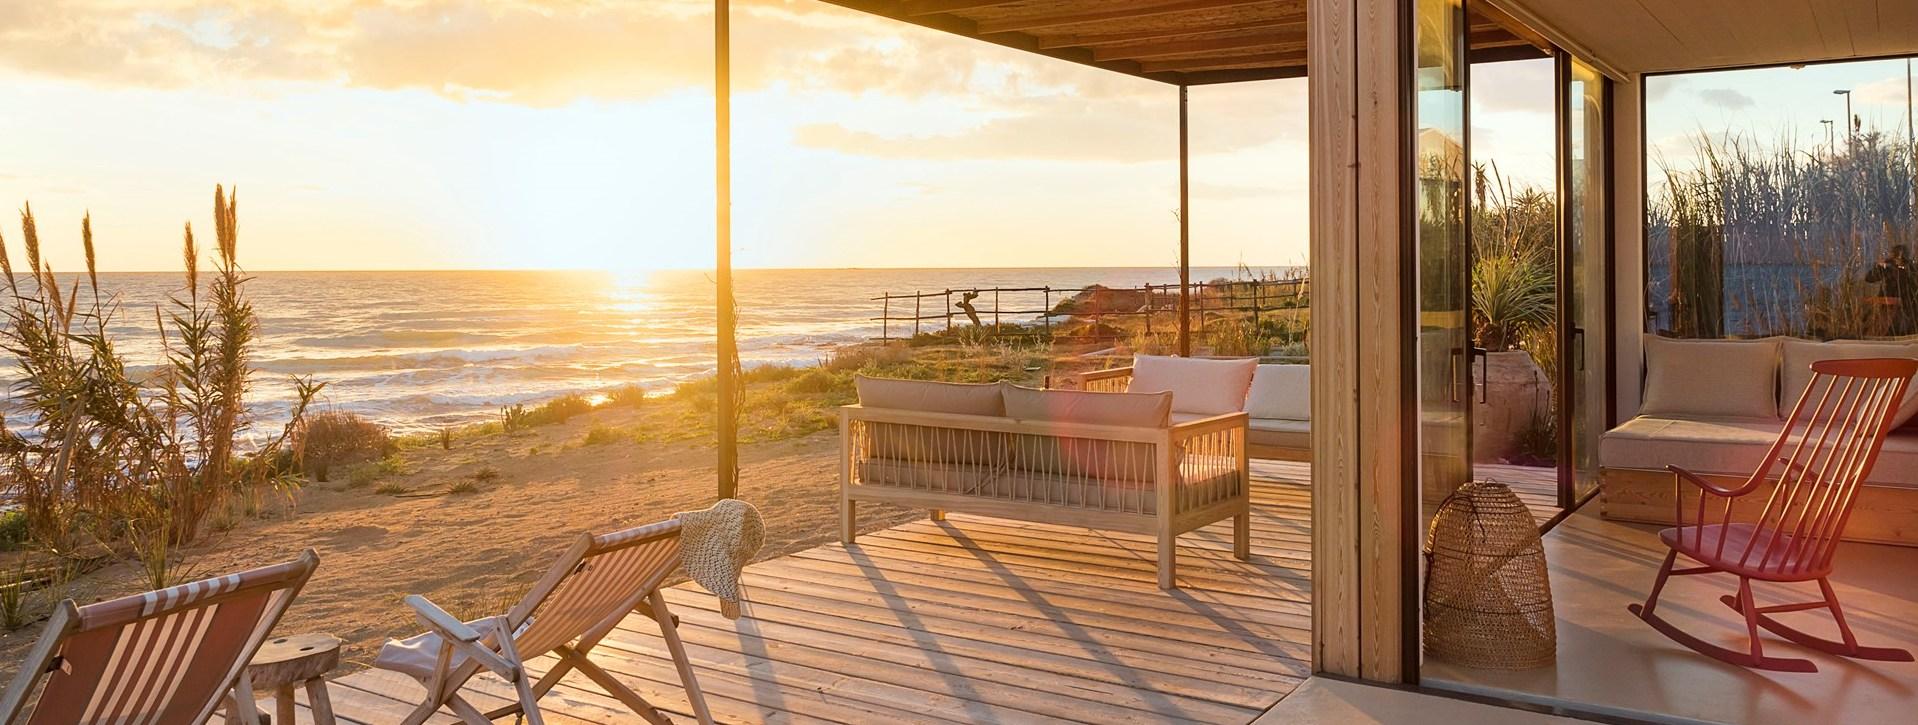 golden-sands-beach-villa-sicily